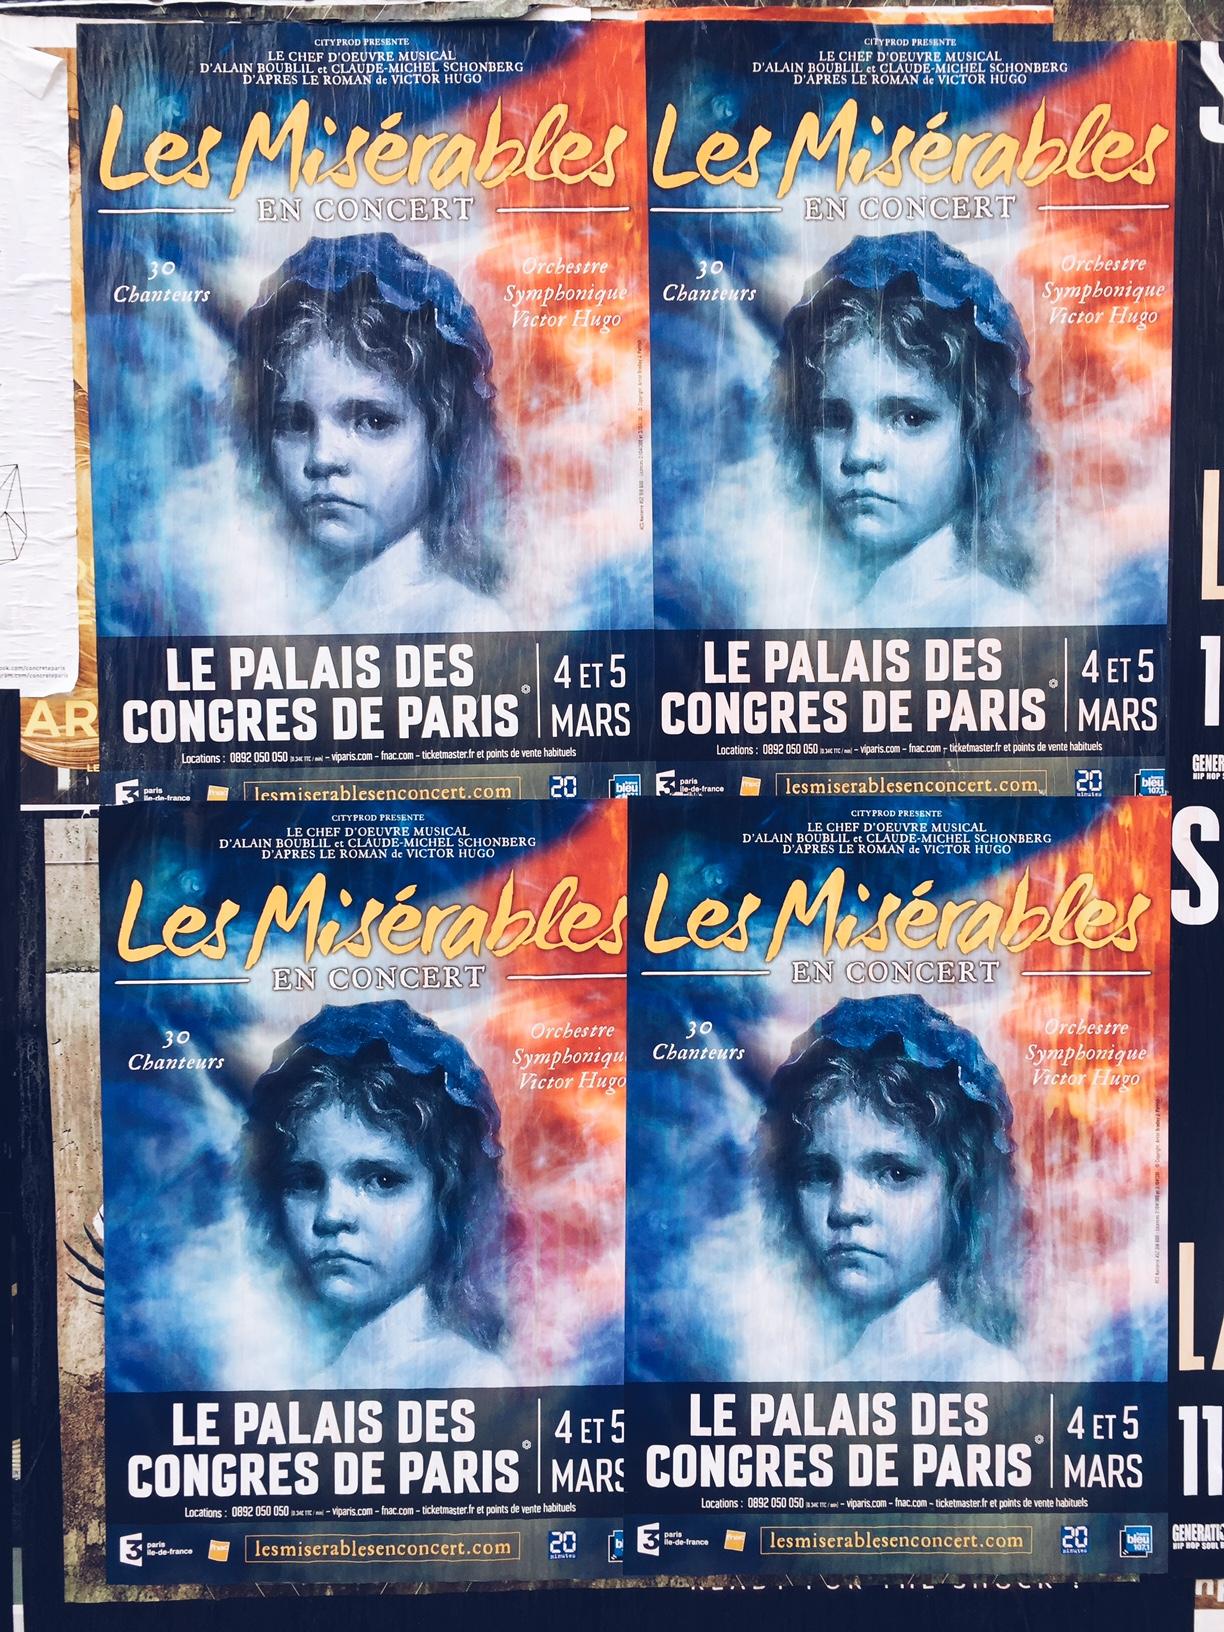 Affiche-Les-Misérables-en-concert-2017-palais-des-congrès-paris-mars-orchestre-symphonique-30-chanteurs